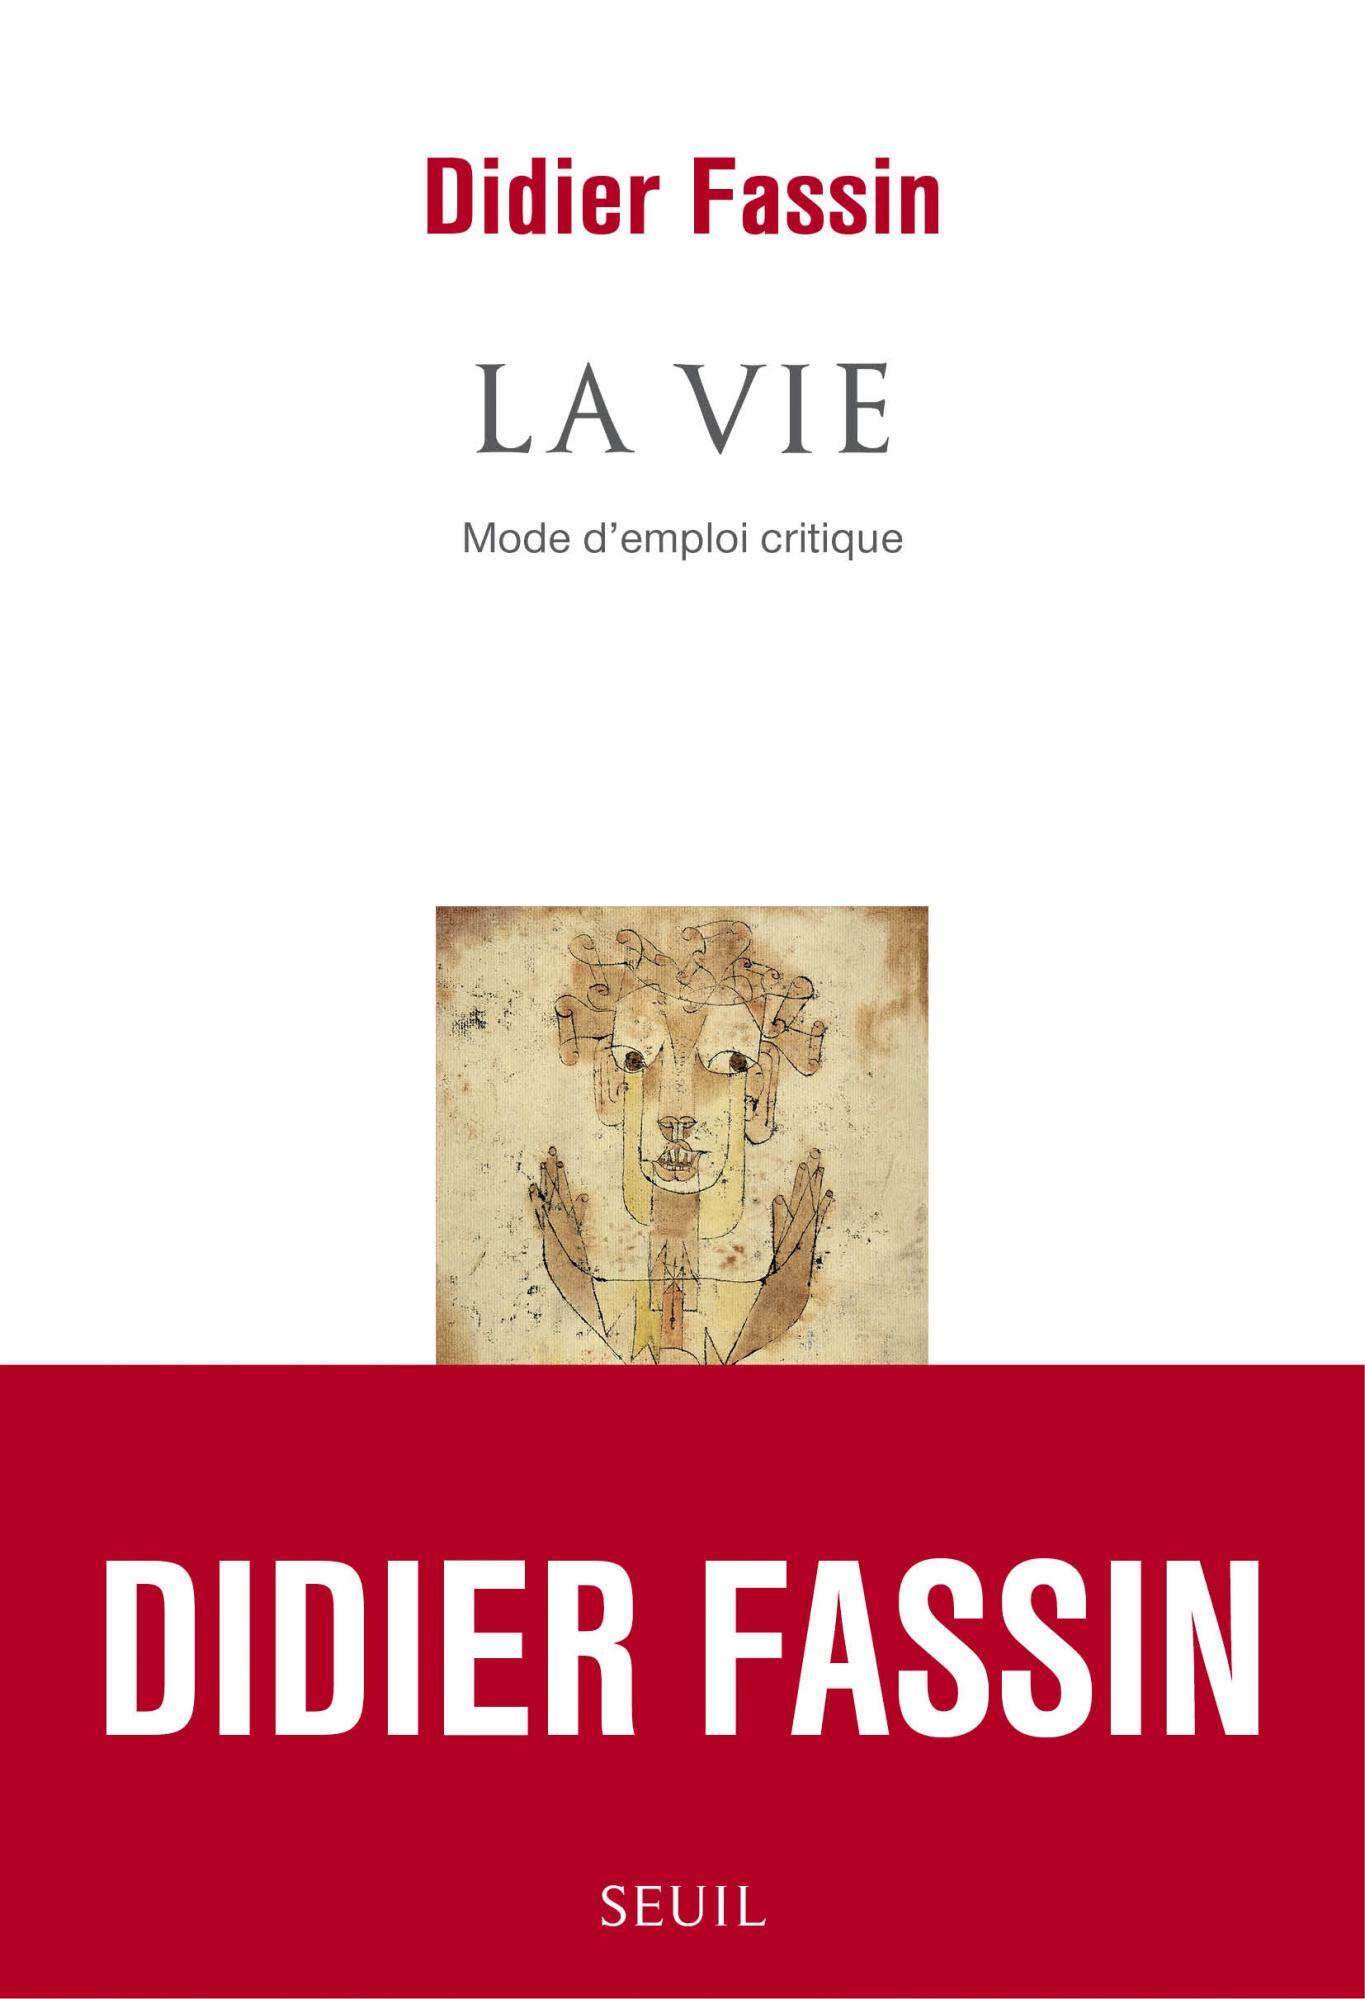 D. Fassin, La Vie. Mode d'emploi critique